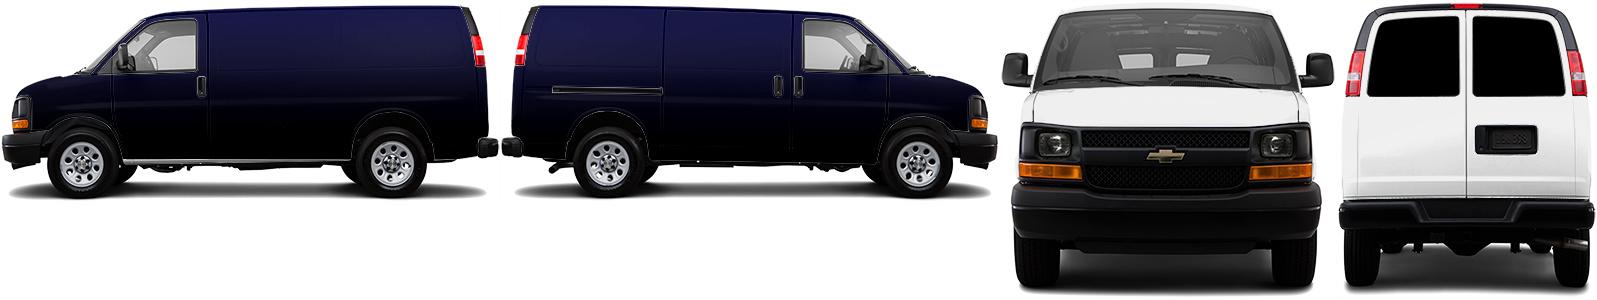 Cargo Van Wrap #51058